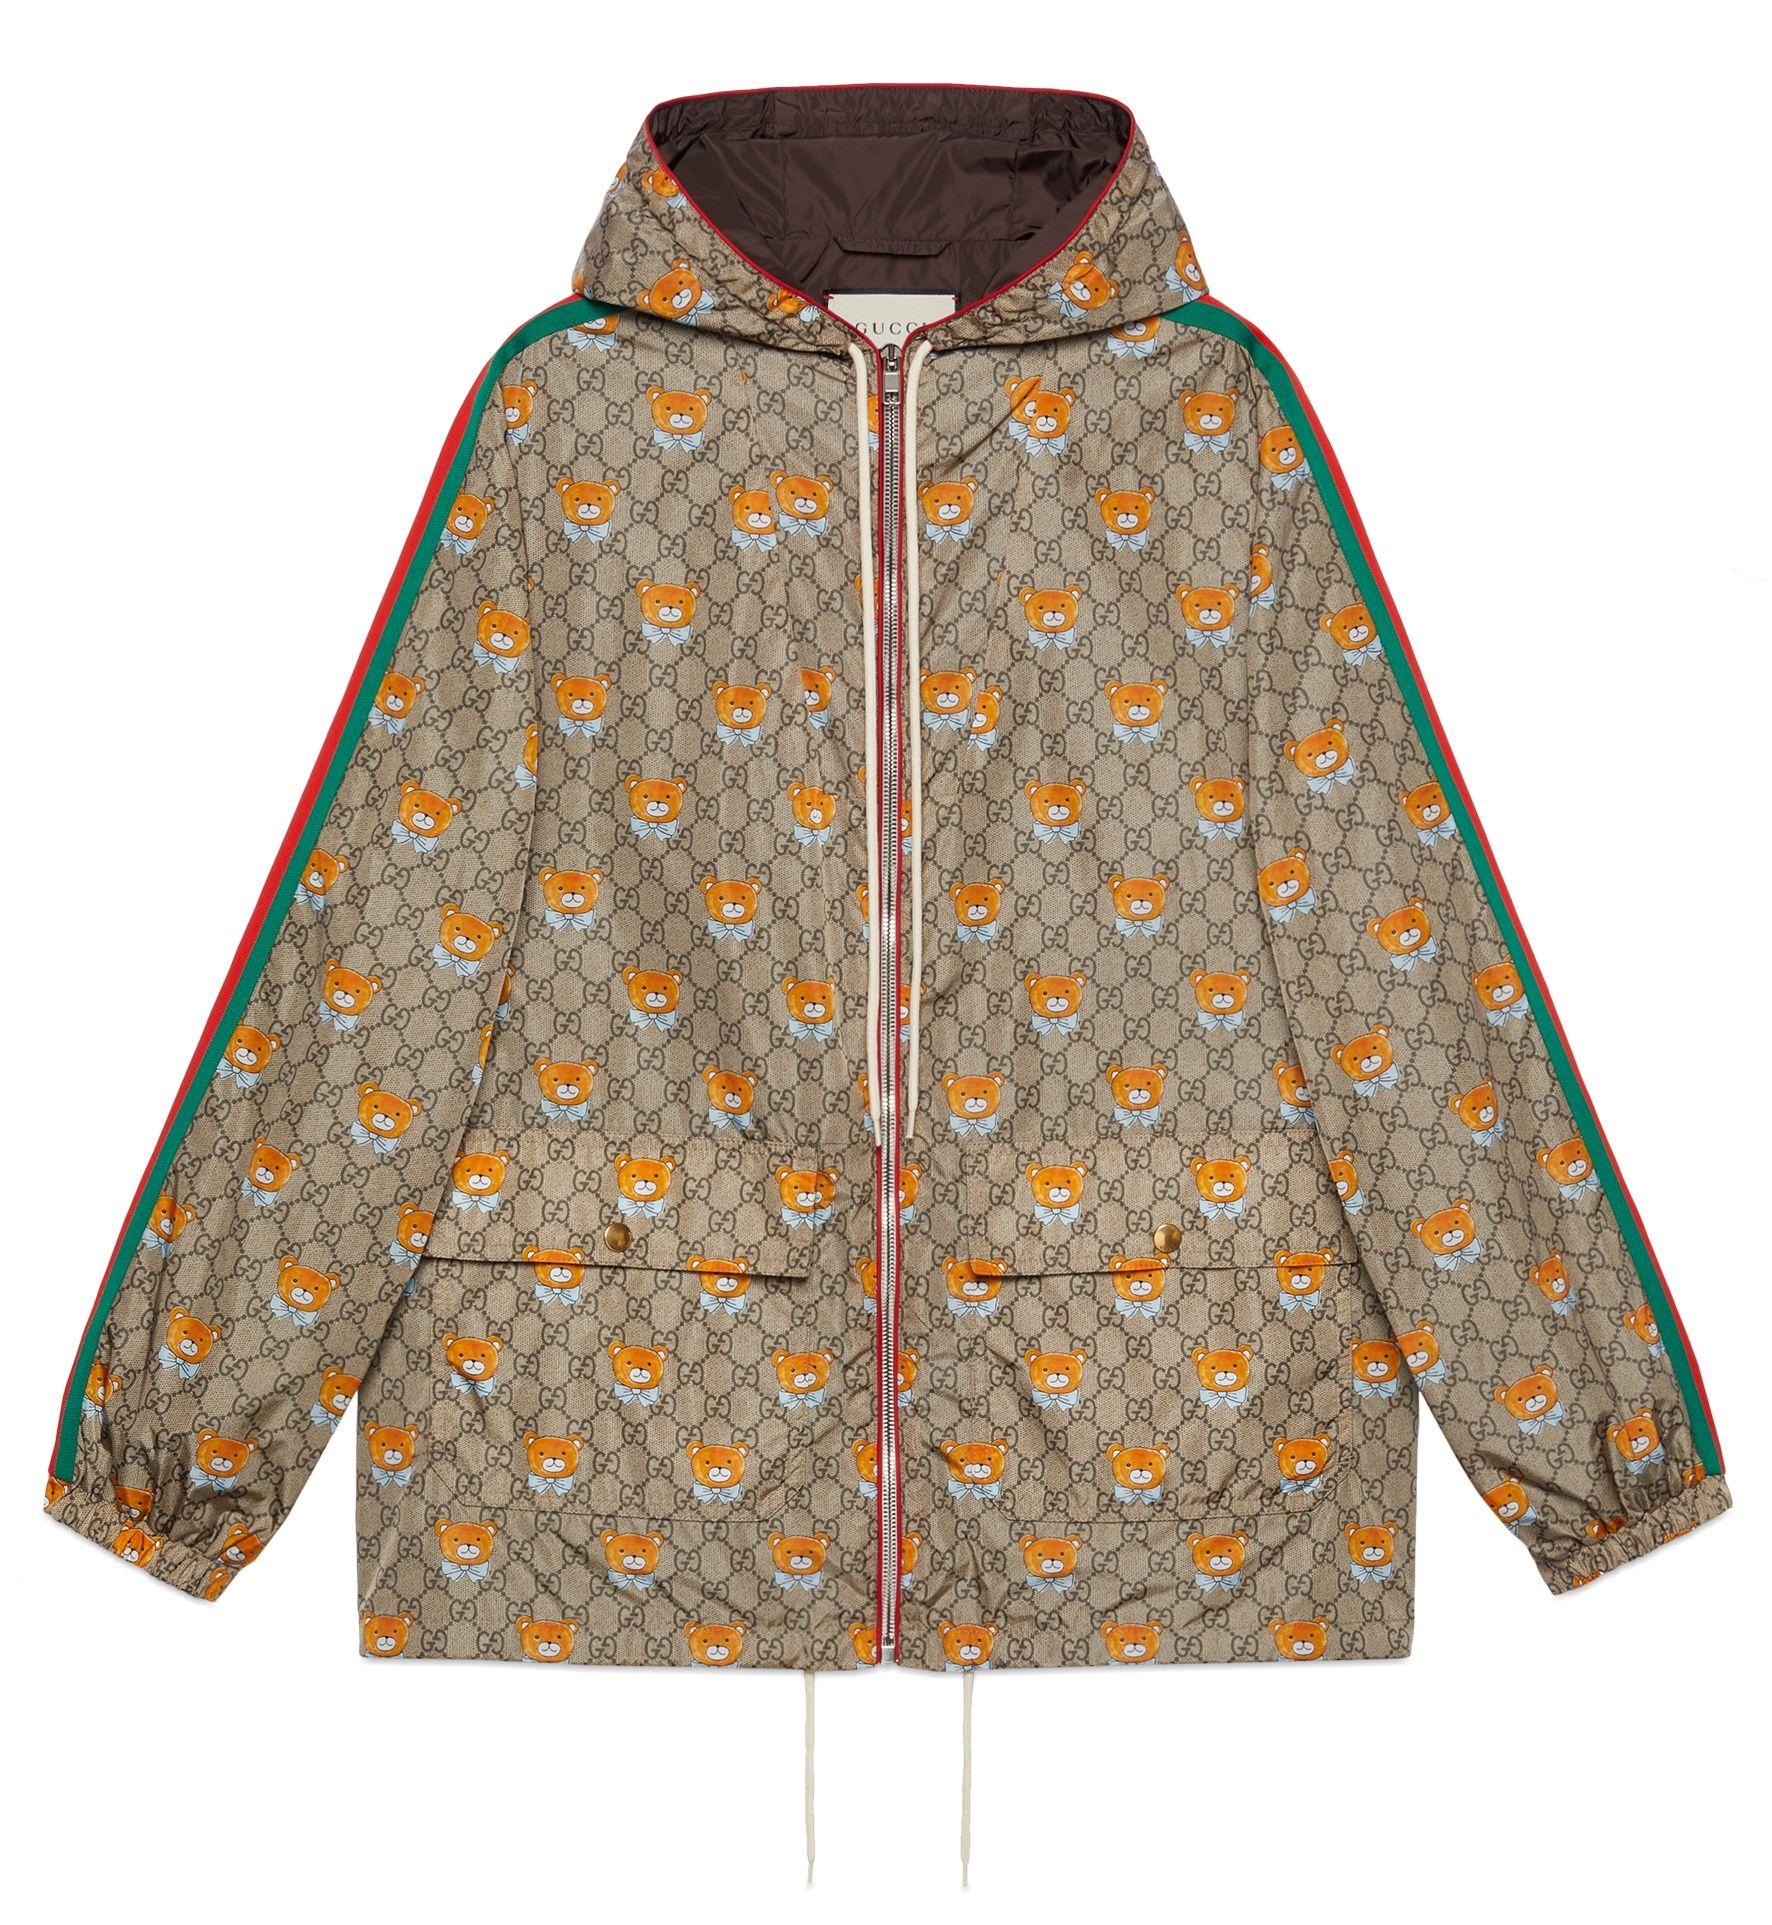 KAI x Gucci 聯名系列女士外套,建議售價 NT$65,000